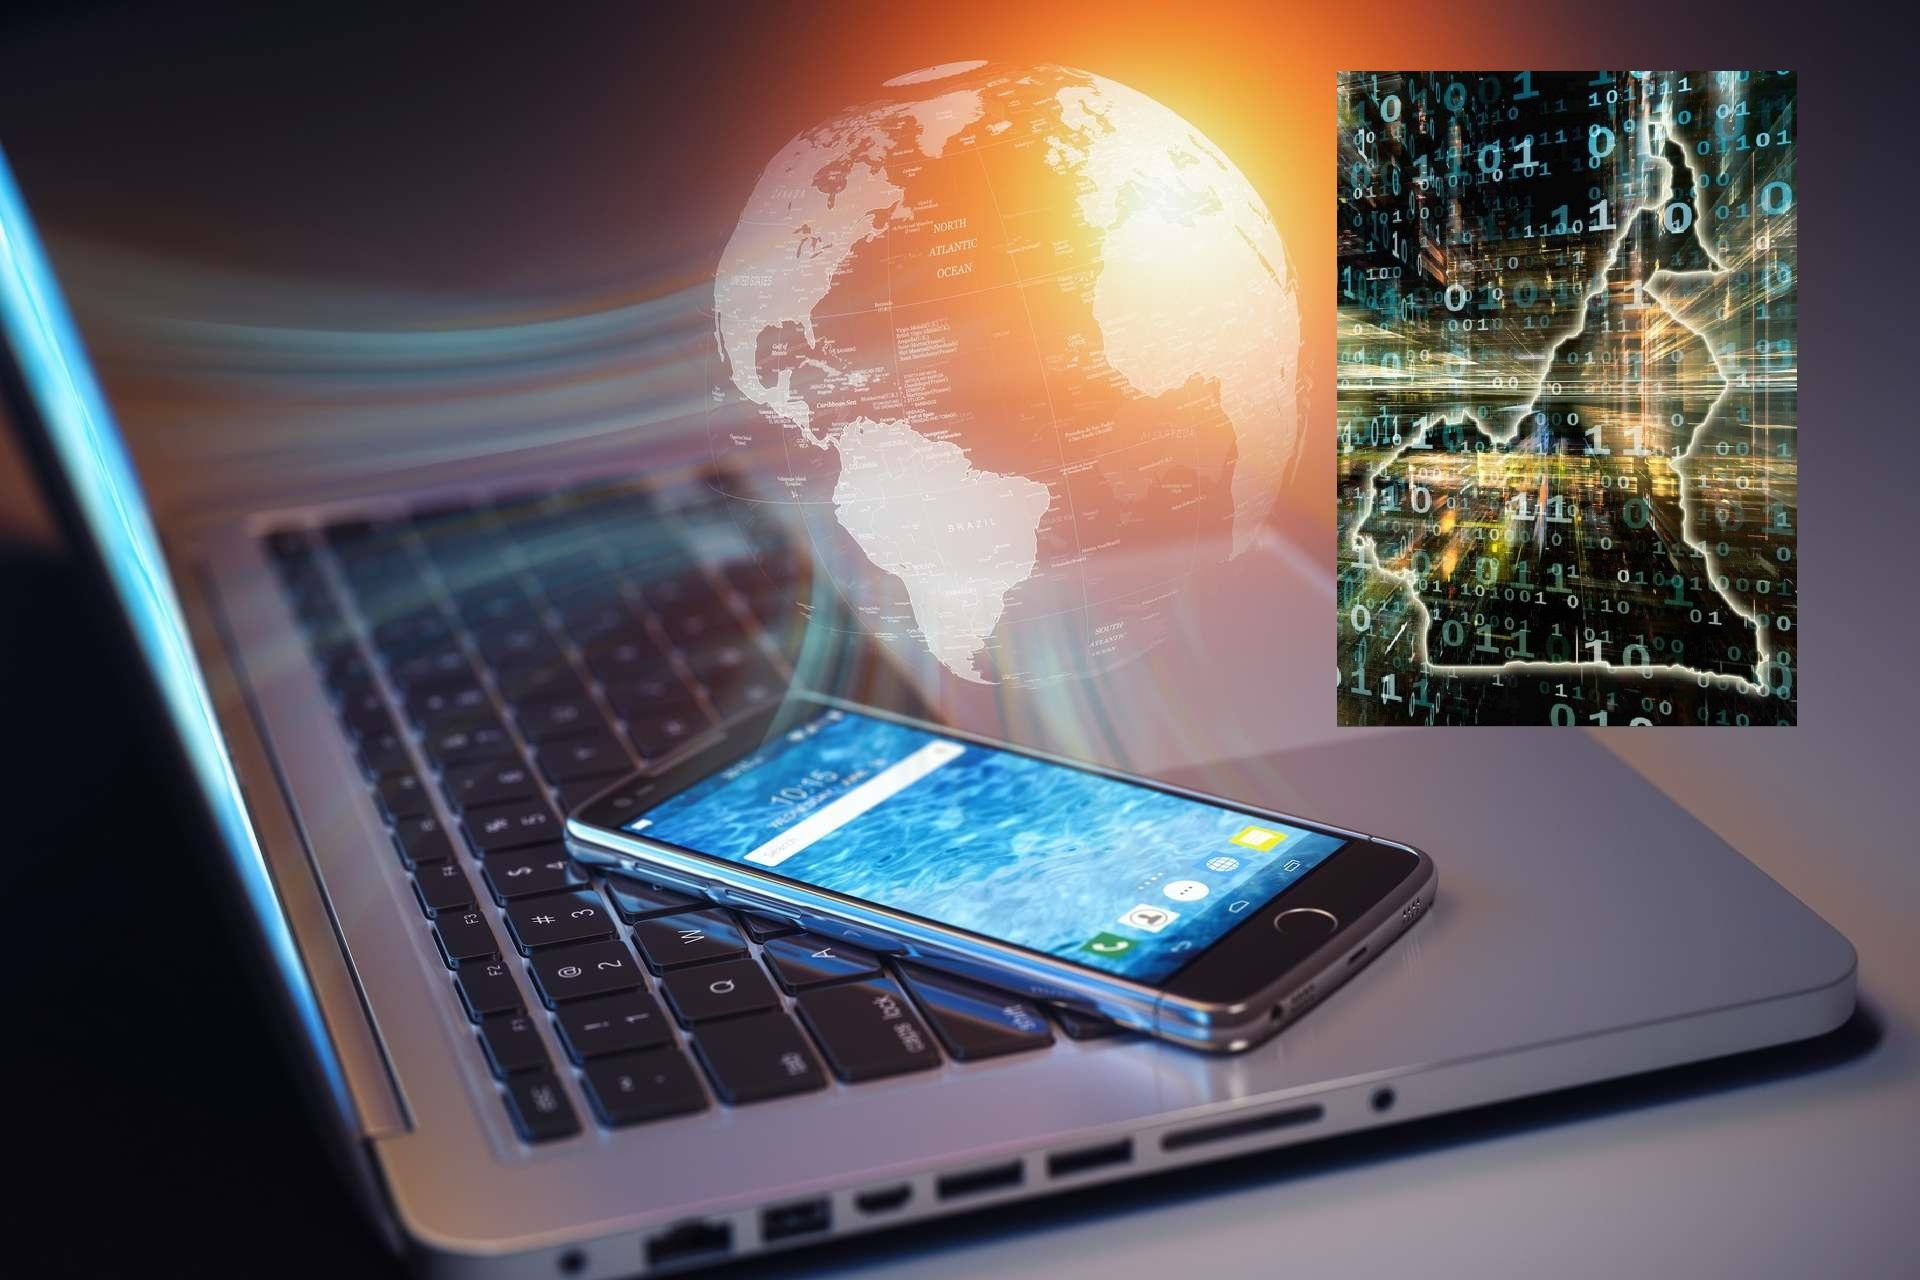 et-voici…-les-principaux-projets-du-cameroun-dans-le-secteur-du-numerique,-des-tic,-des-telecoms-a-l'horizon-2030-!